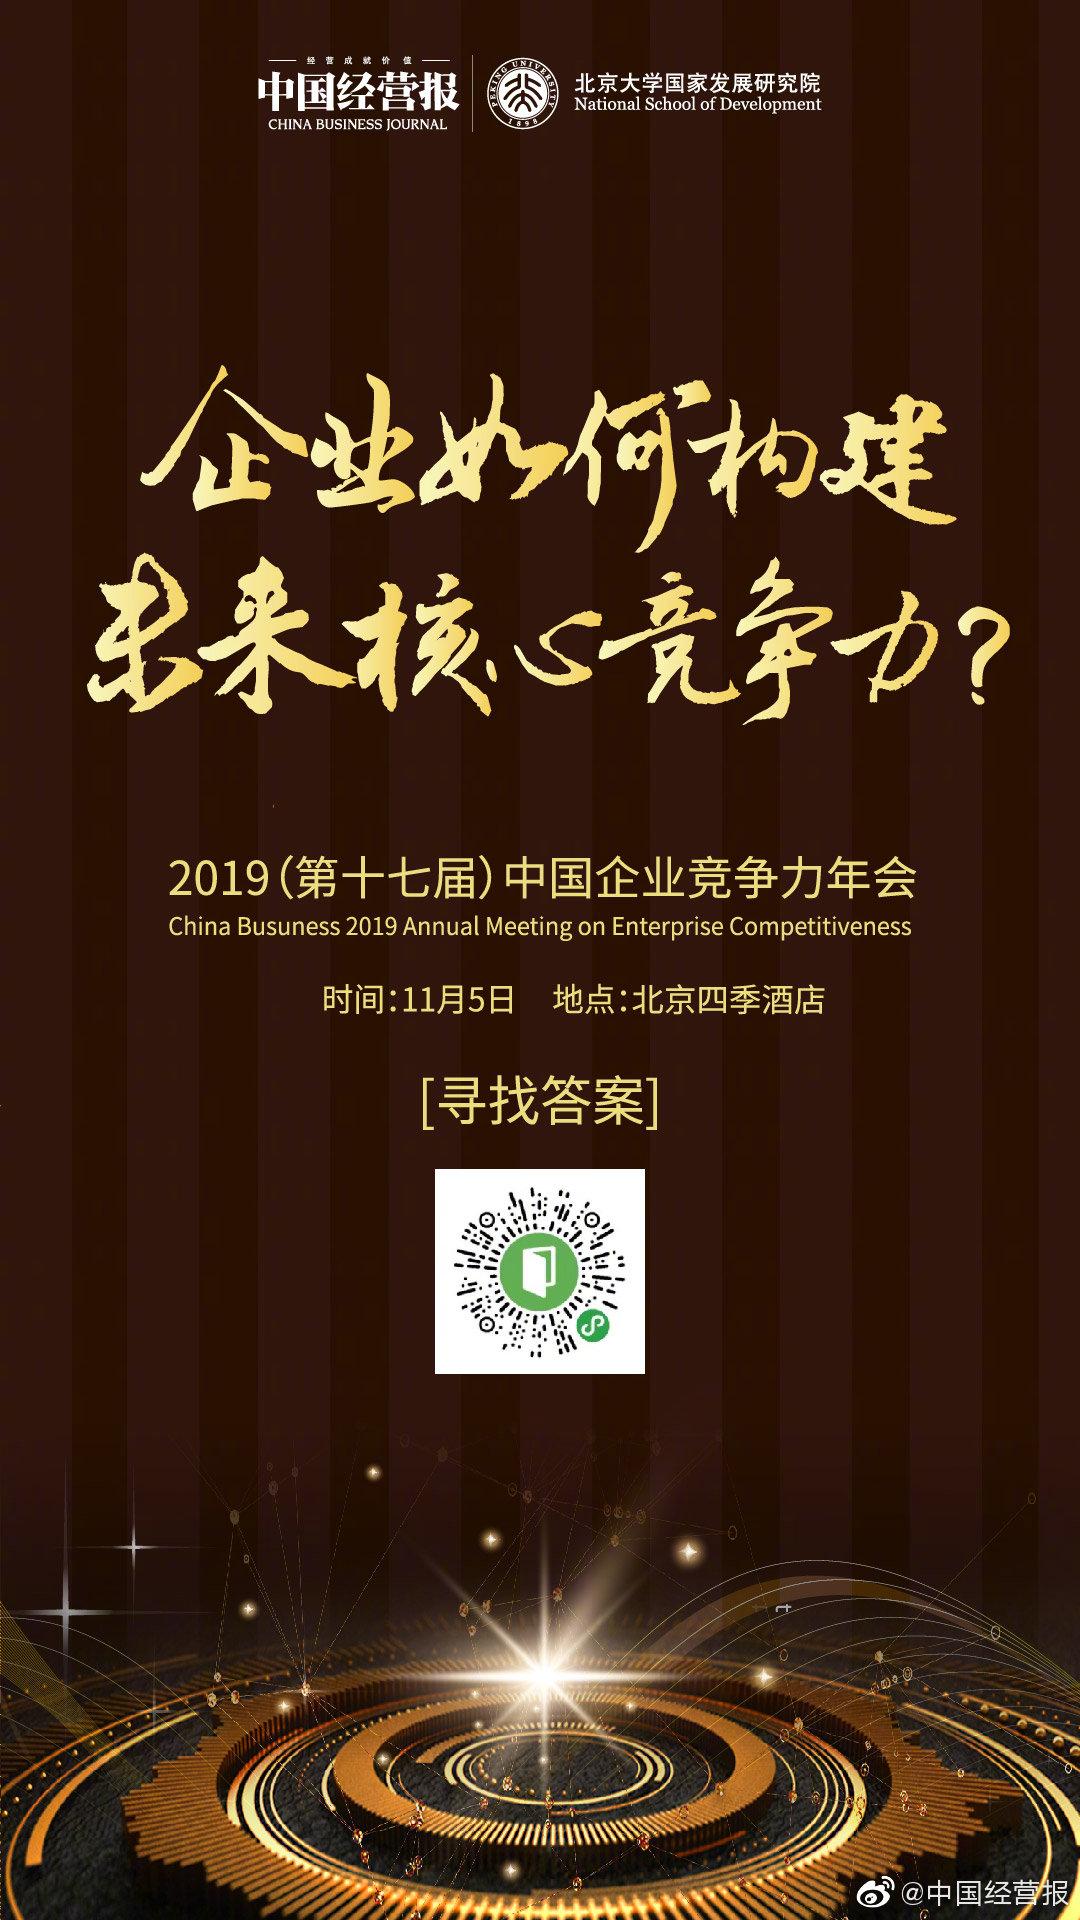 11月5日,2019(第十七届)中国企业竞争力年会即将开启